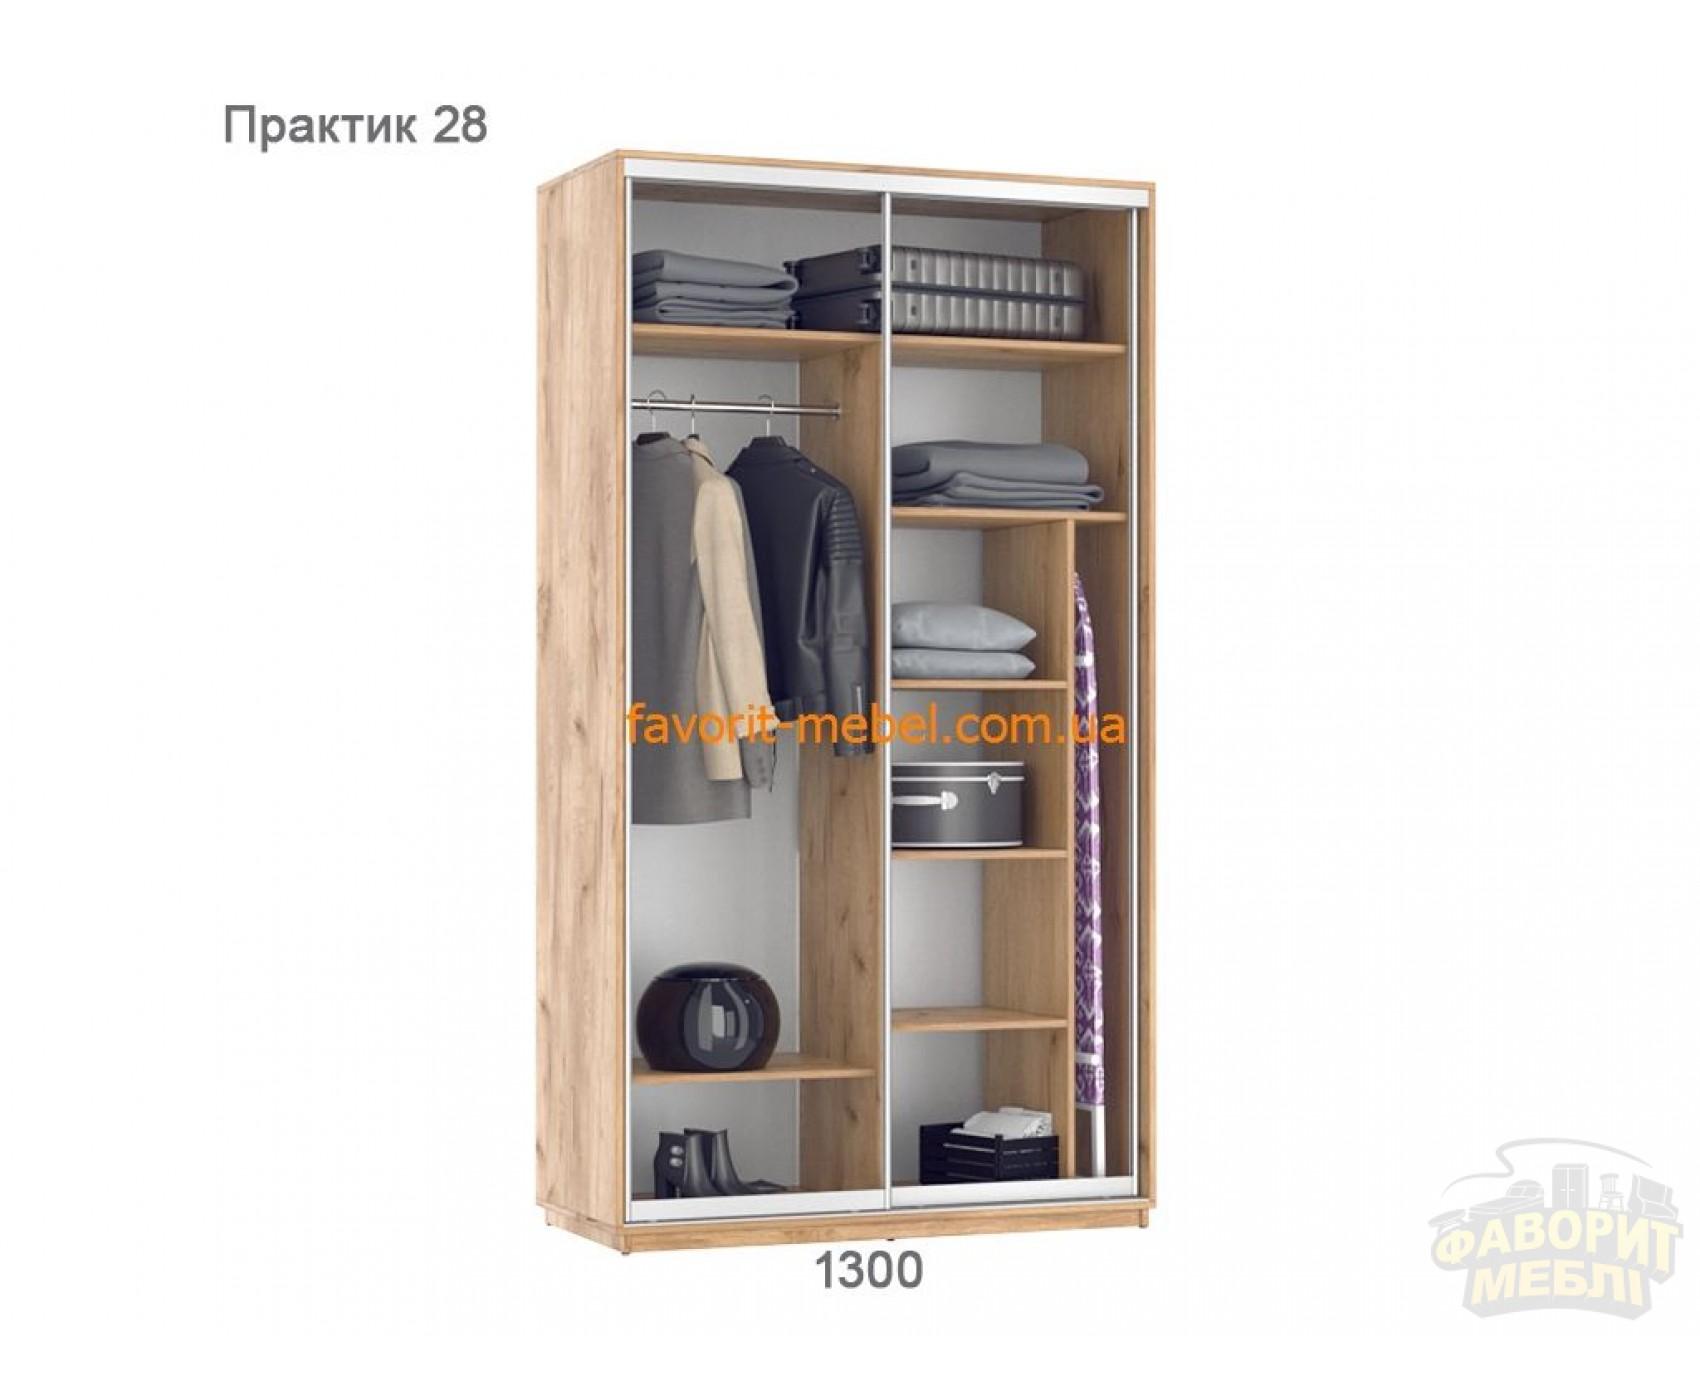 Шкаф купе Практик 28 (130х60х240 см)